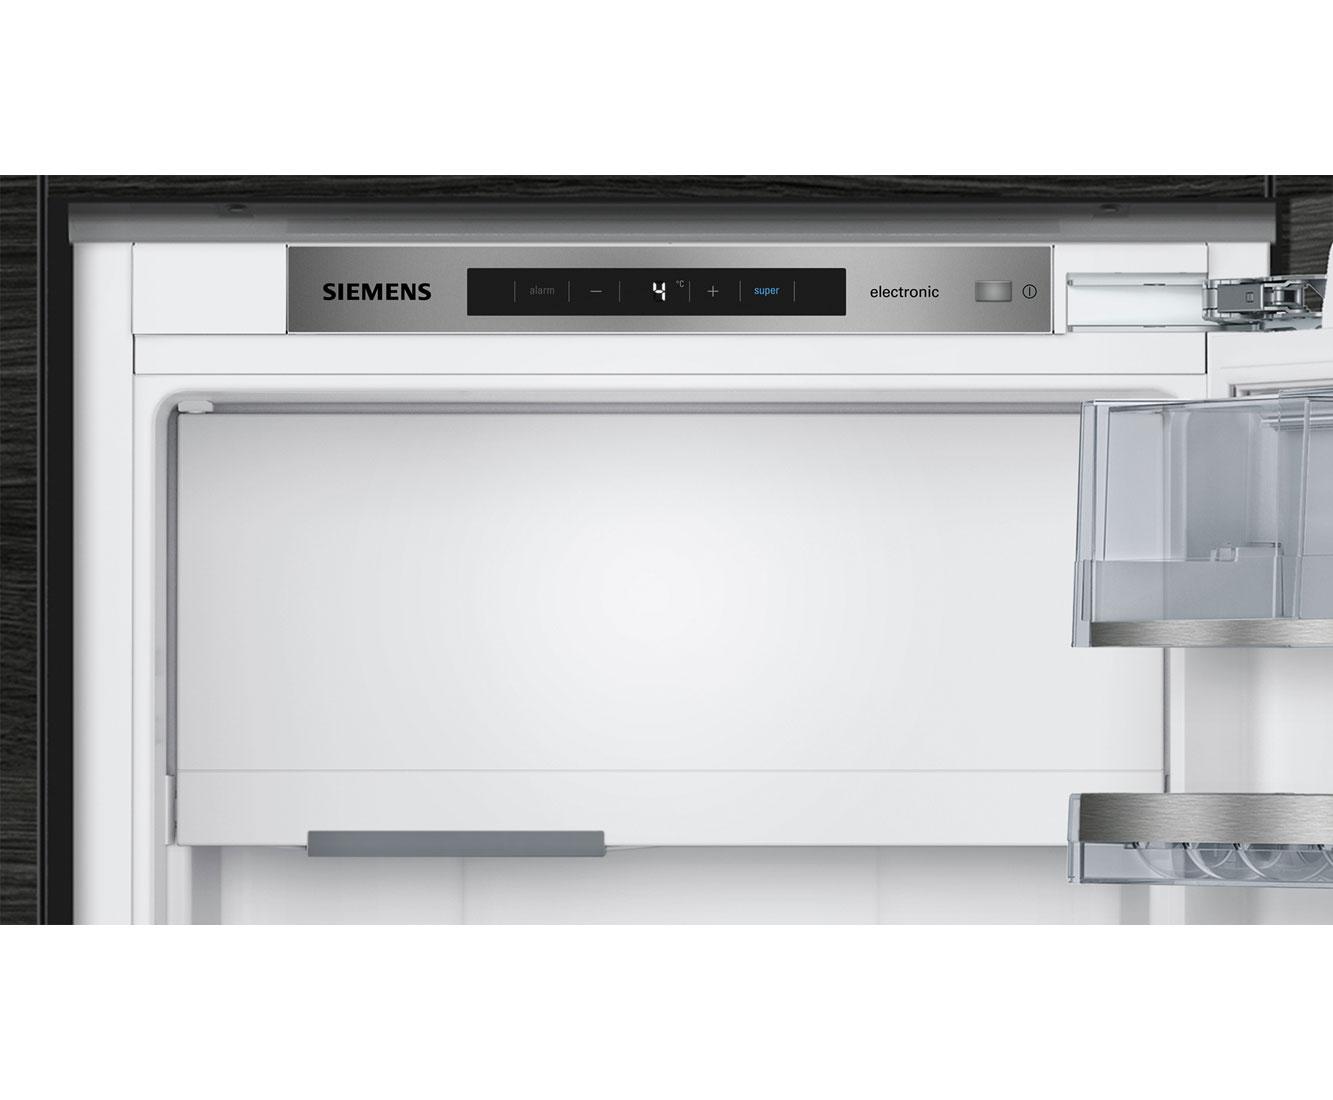 Siemens Kühlschrank Iq700 : Siemens iq ki fad einbau kühlschrank mit gefrierfach er